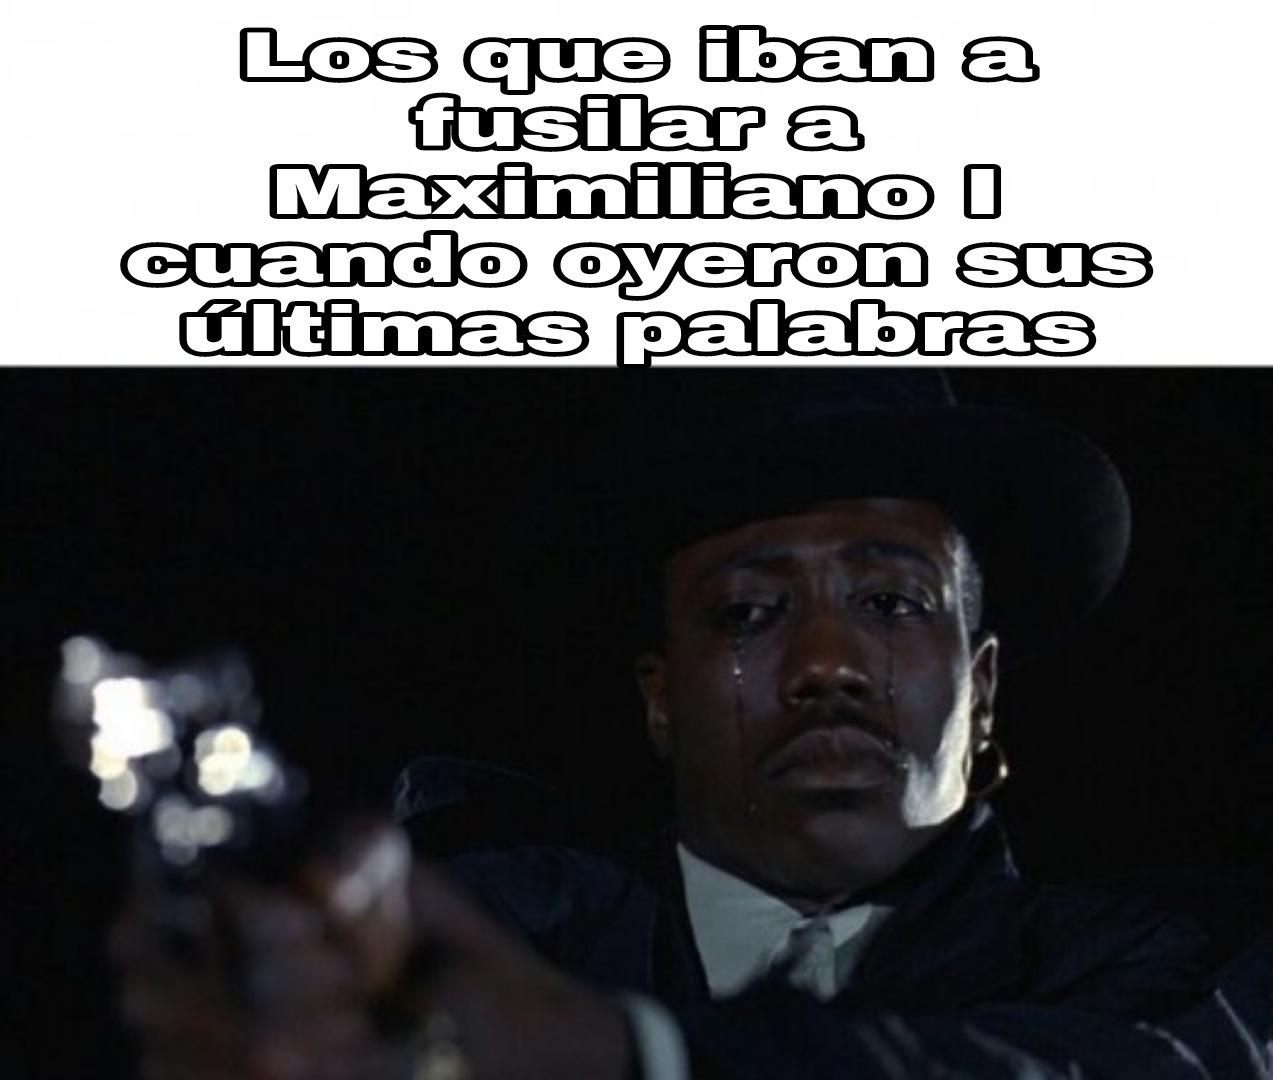 Maximiliano I fue el segundo emperador de México por si no sabían, lo demás lo contaré en los comentarios (si lo aceptan claro) - meme